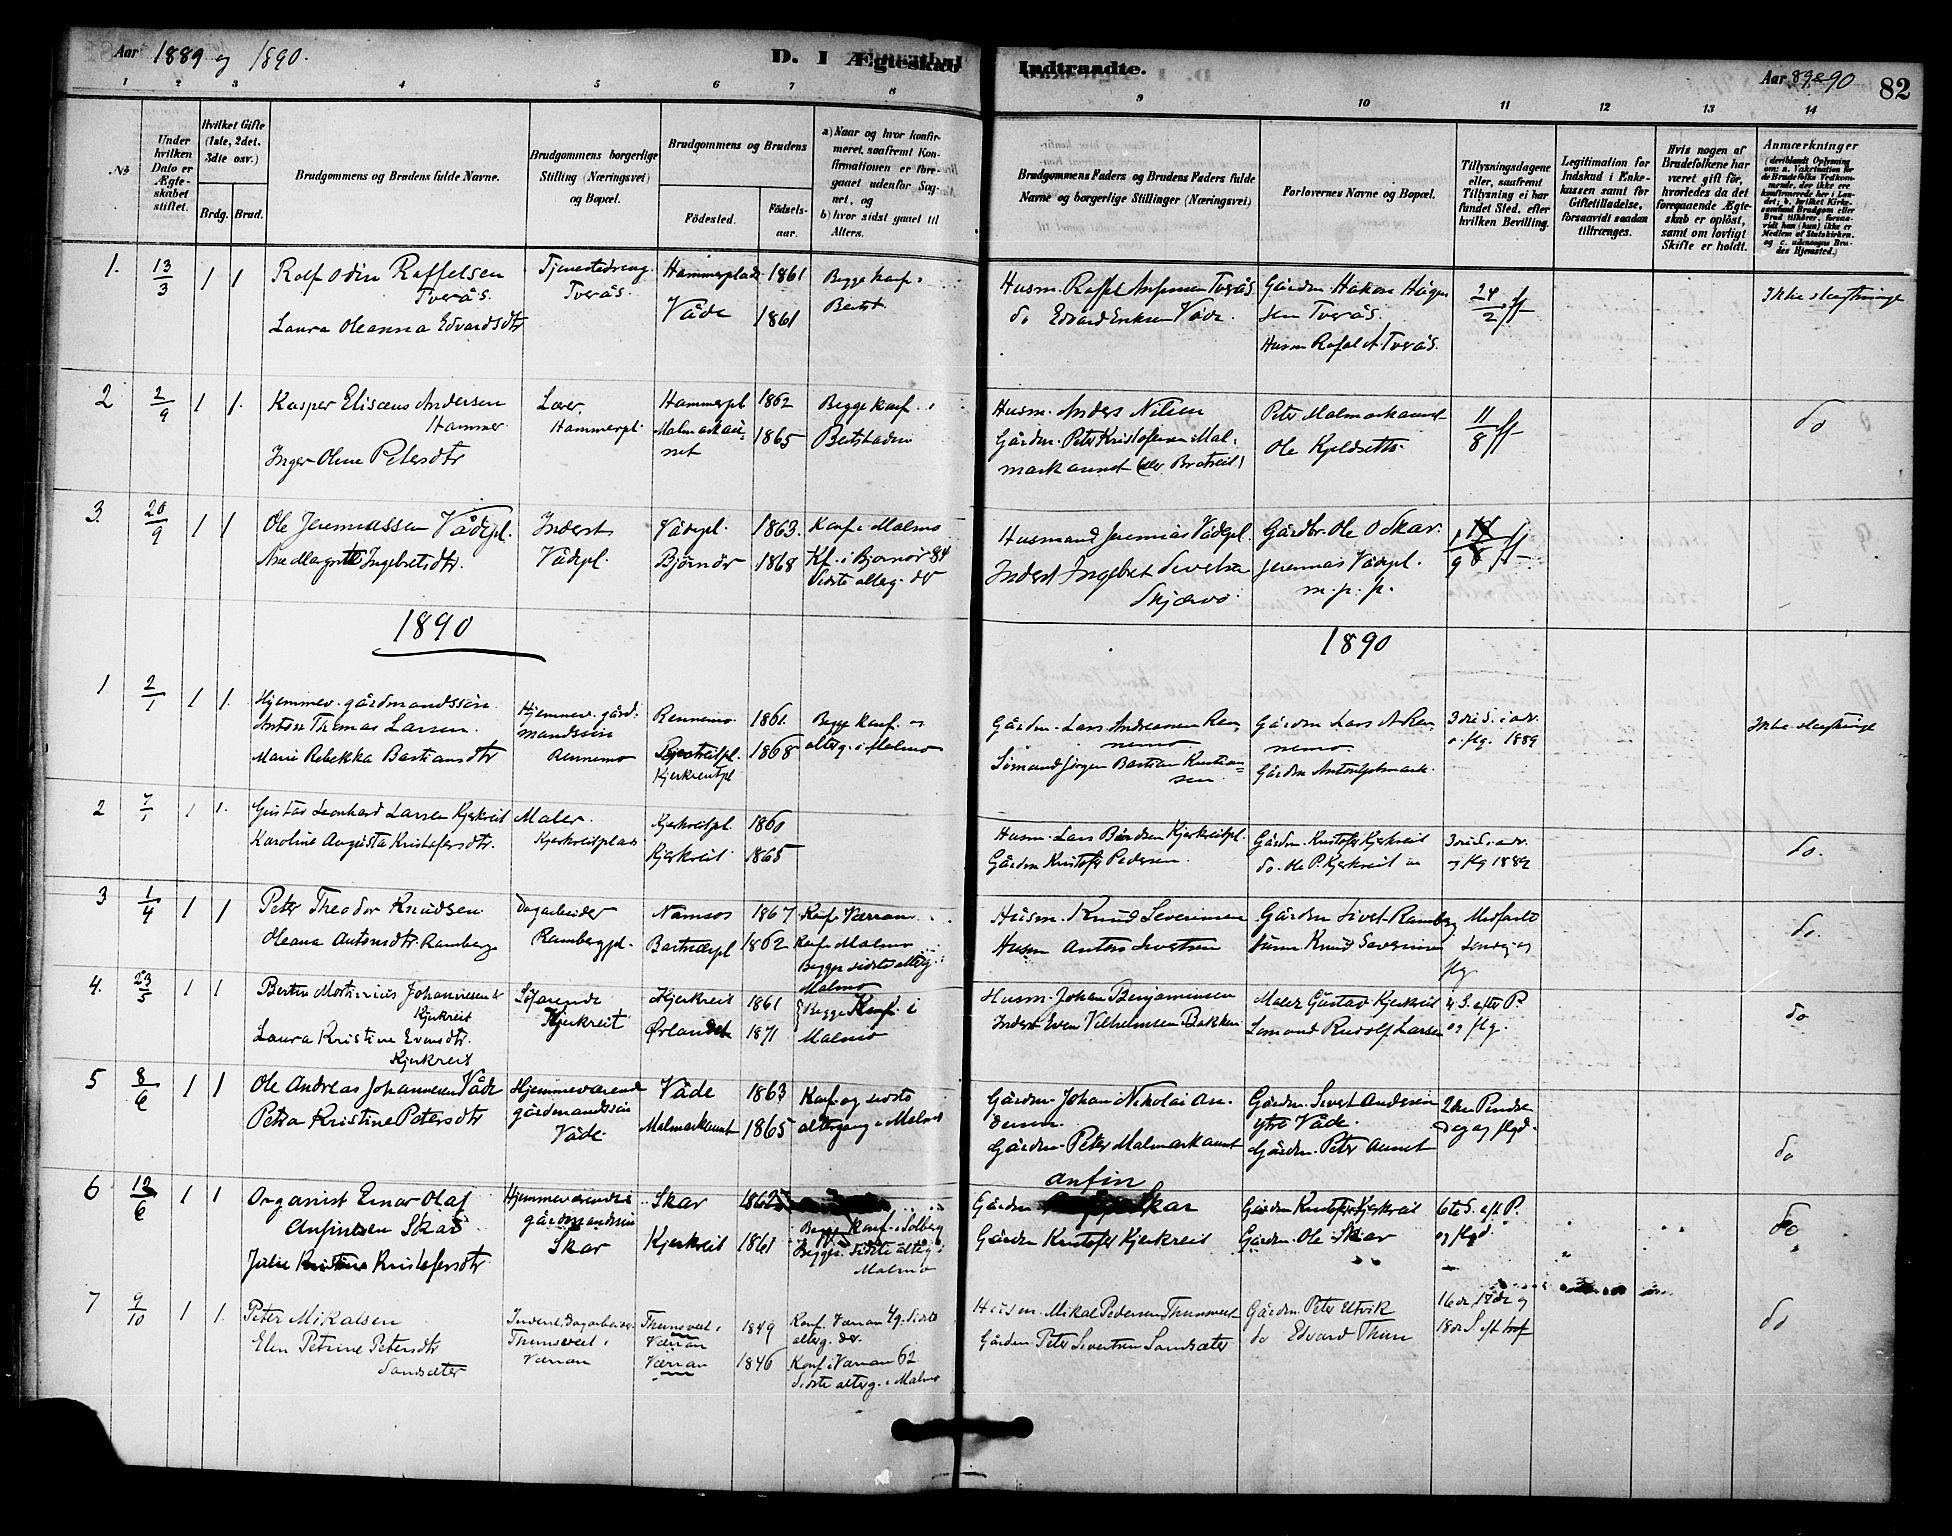 SAT, Ministerialprotokoller, klokkerbøker og fødselsregistre - Nord-Trøndelag, 745/L0429: Ministerialbok nr. 745A01, 1878-1894, s. 82